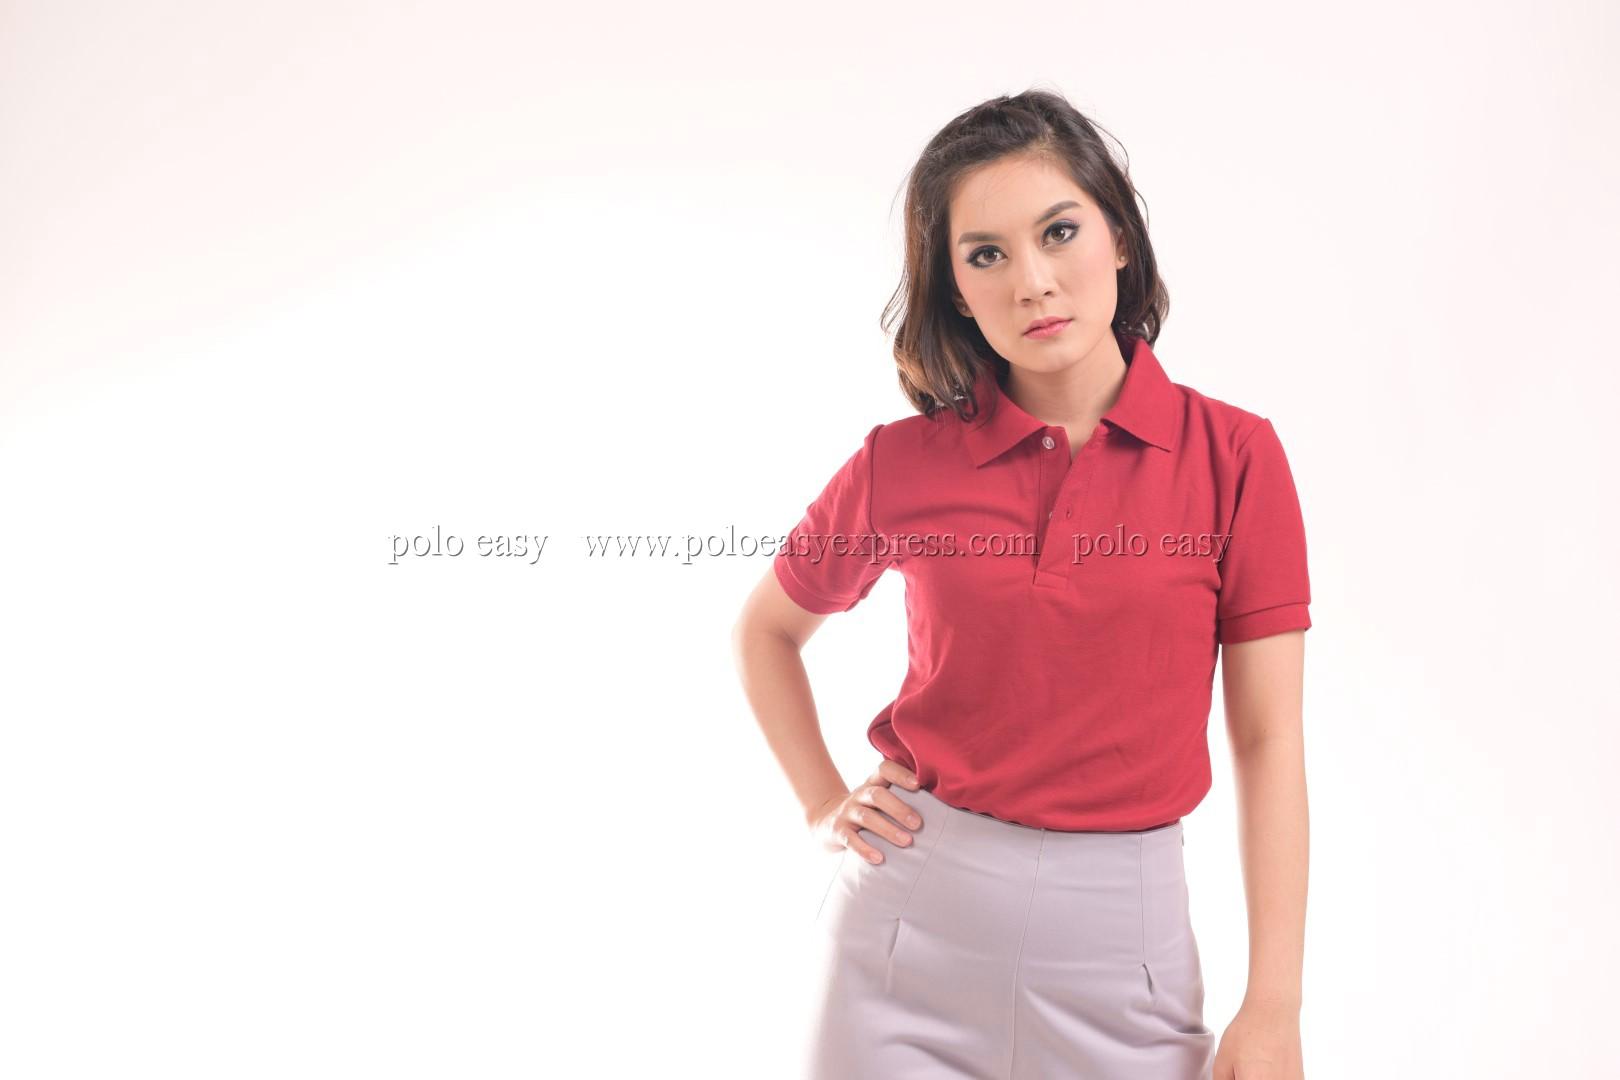 เสื้อโปโล สีเลือดหมู TK Premium แขนสั้น ทรงเว้า (หญิง) Size 2XL